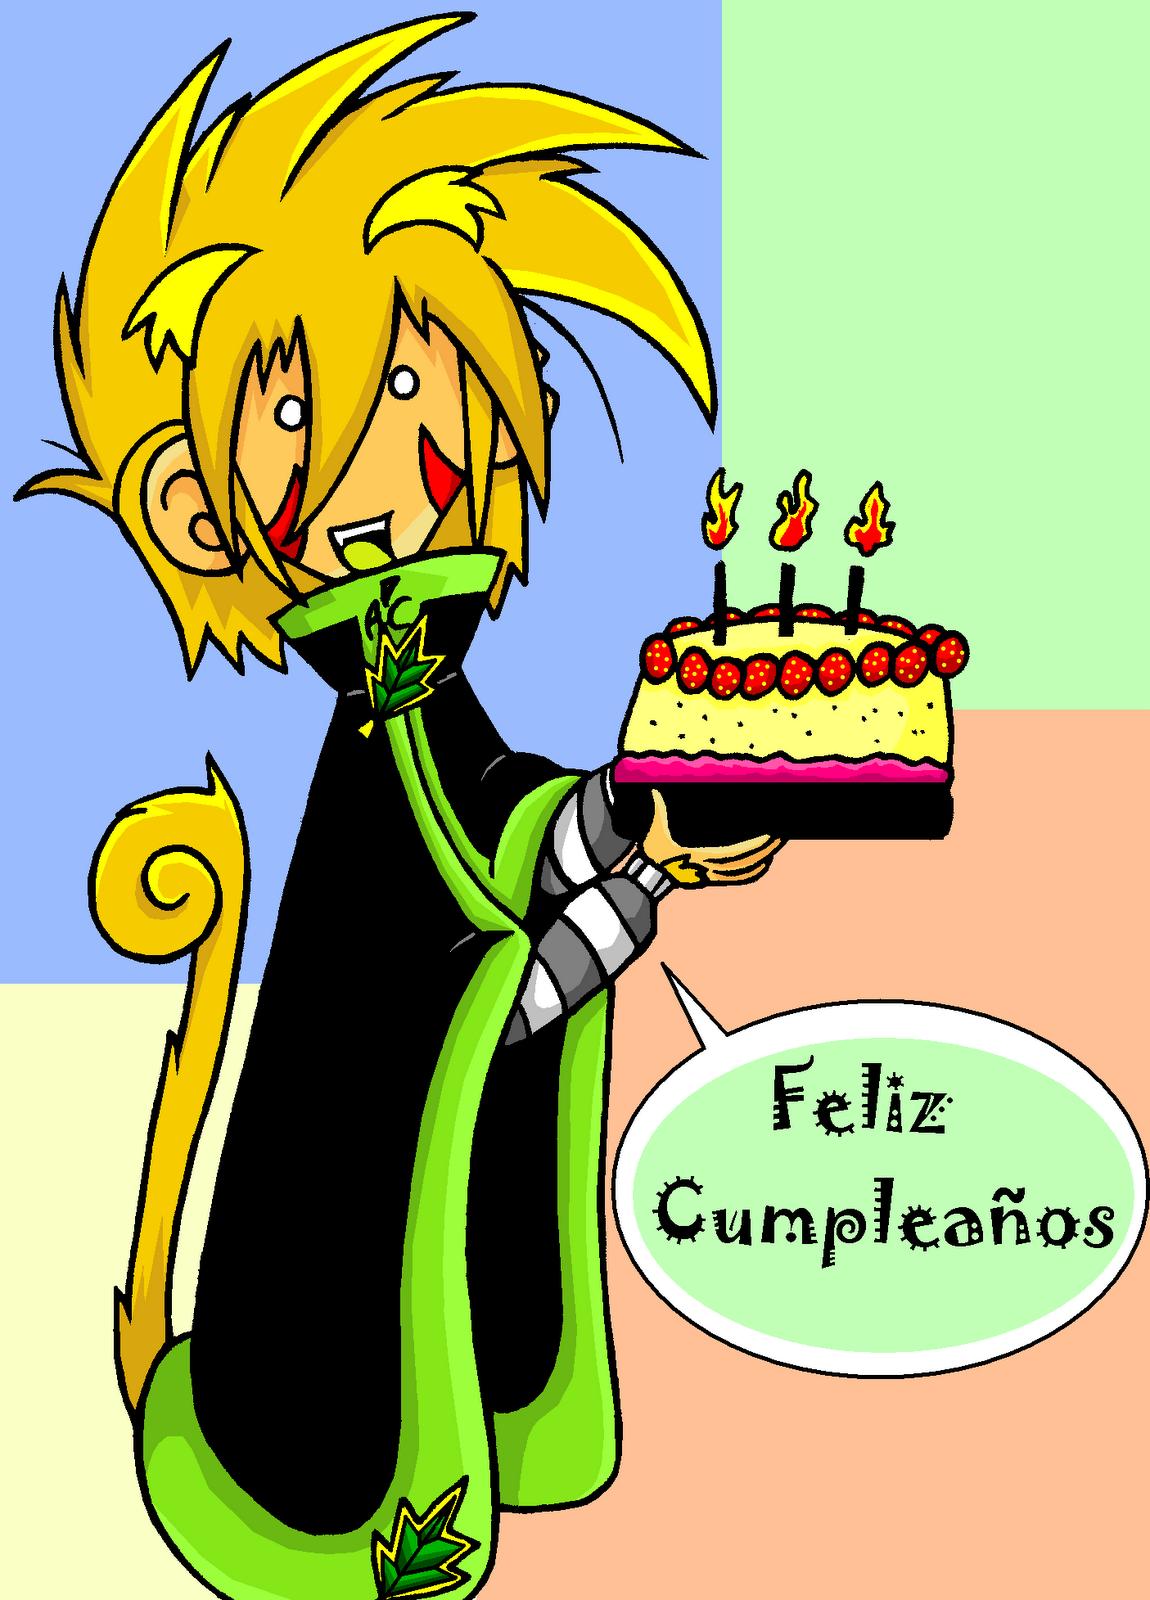 Pz C Puertas Exterior: PZ C: Cumpleaños